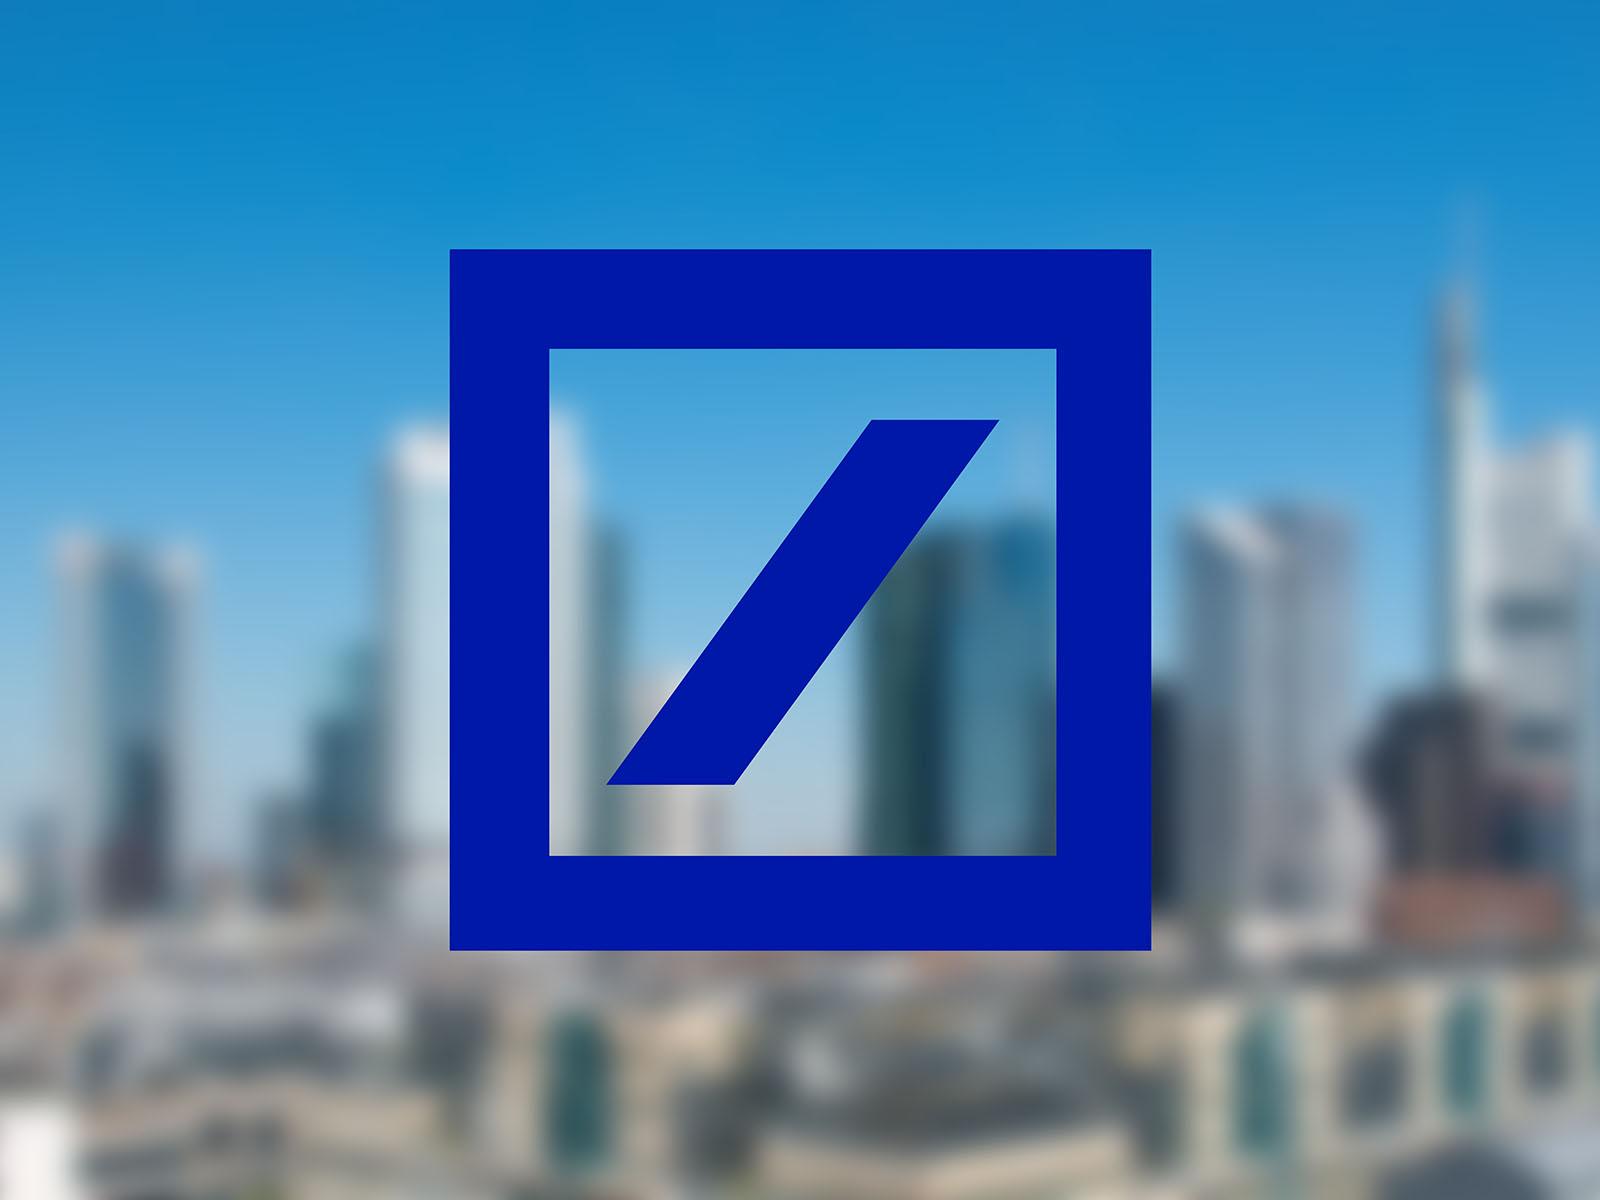 Logo der Deutschen Bank. (Quelle: wikipedia.de)